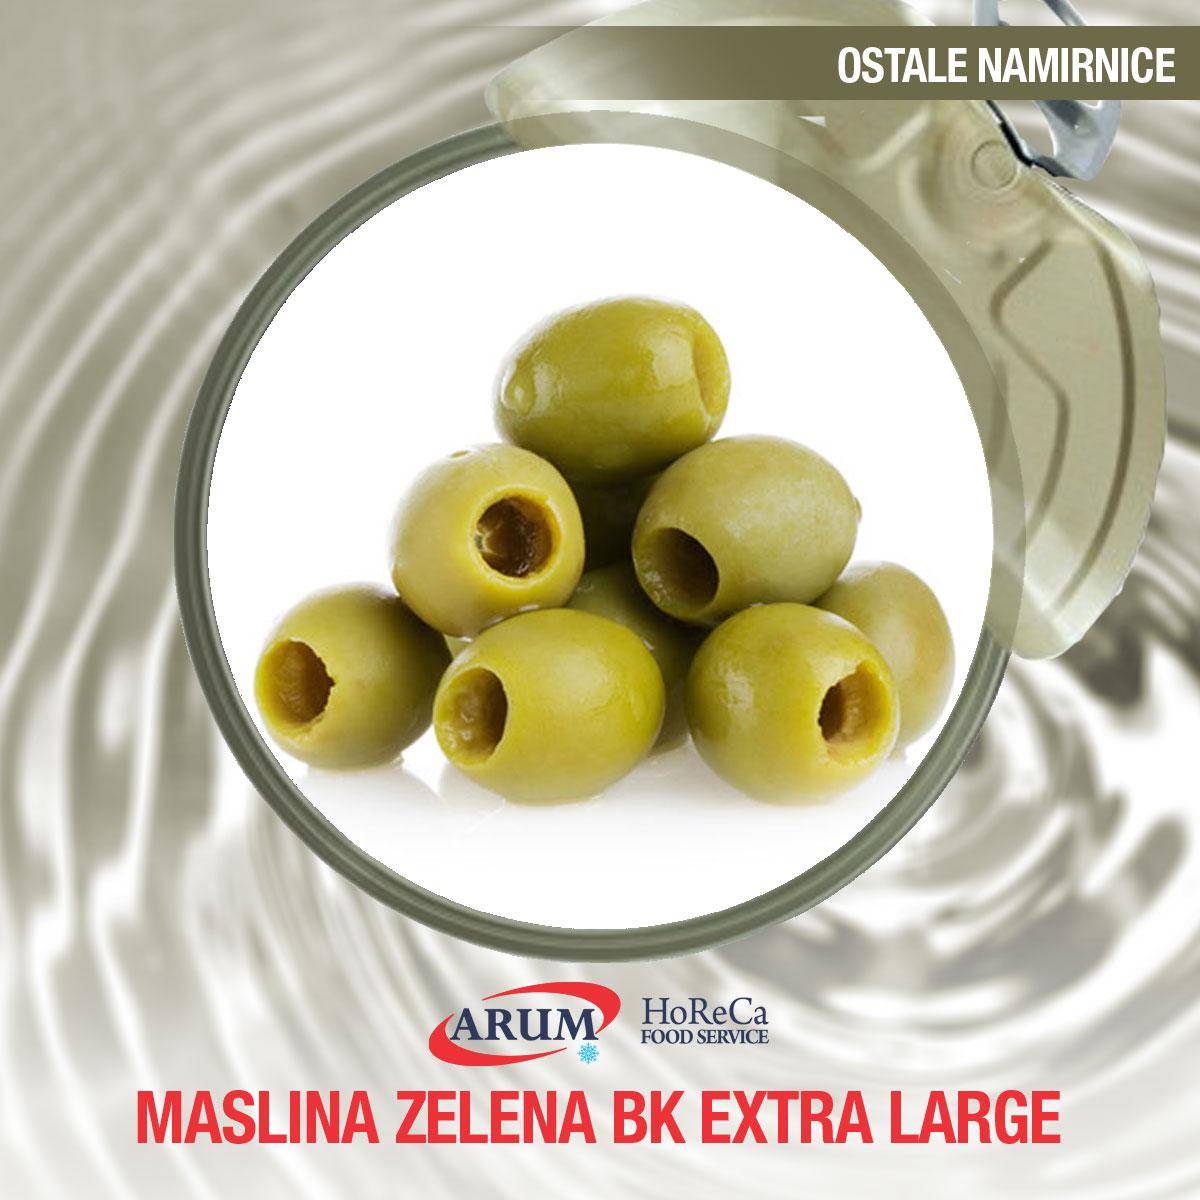 Maslina zelena bk extra large 10 kg